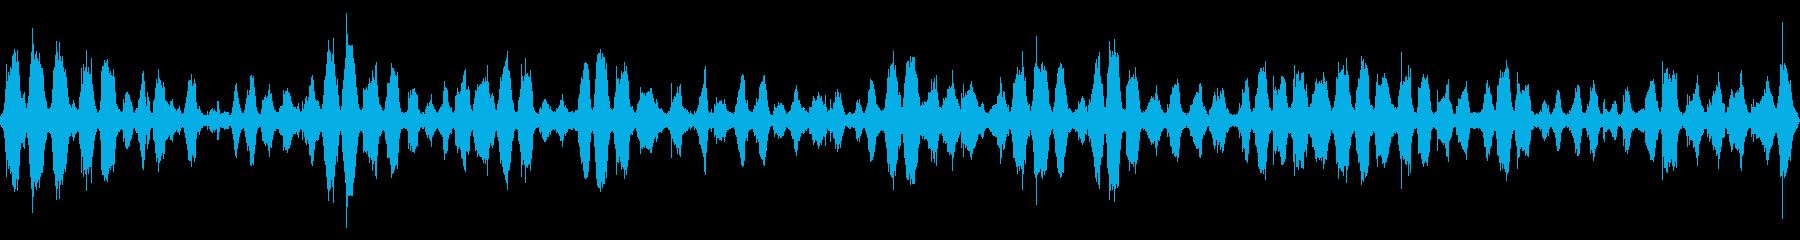 波の音 【大浜海岸、徳島、秋、昼】の再生済みの波形